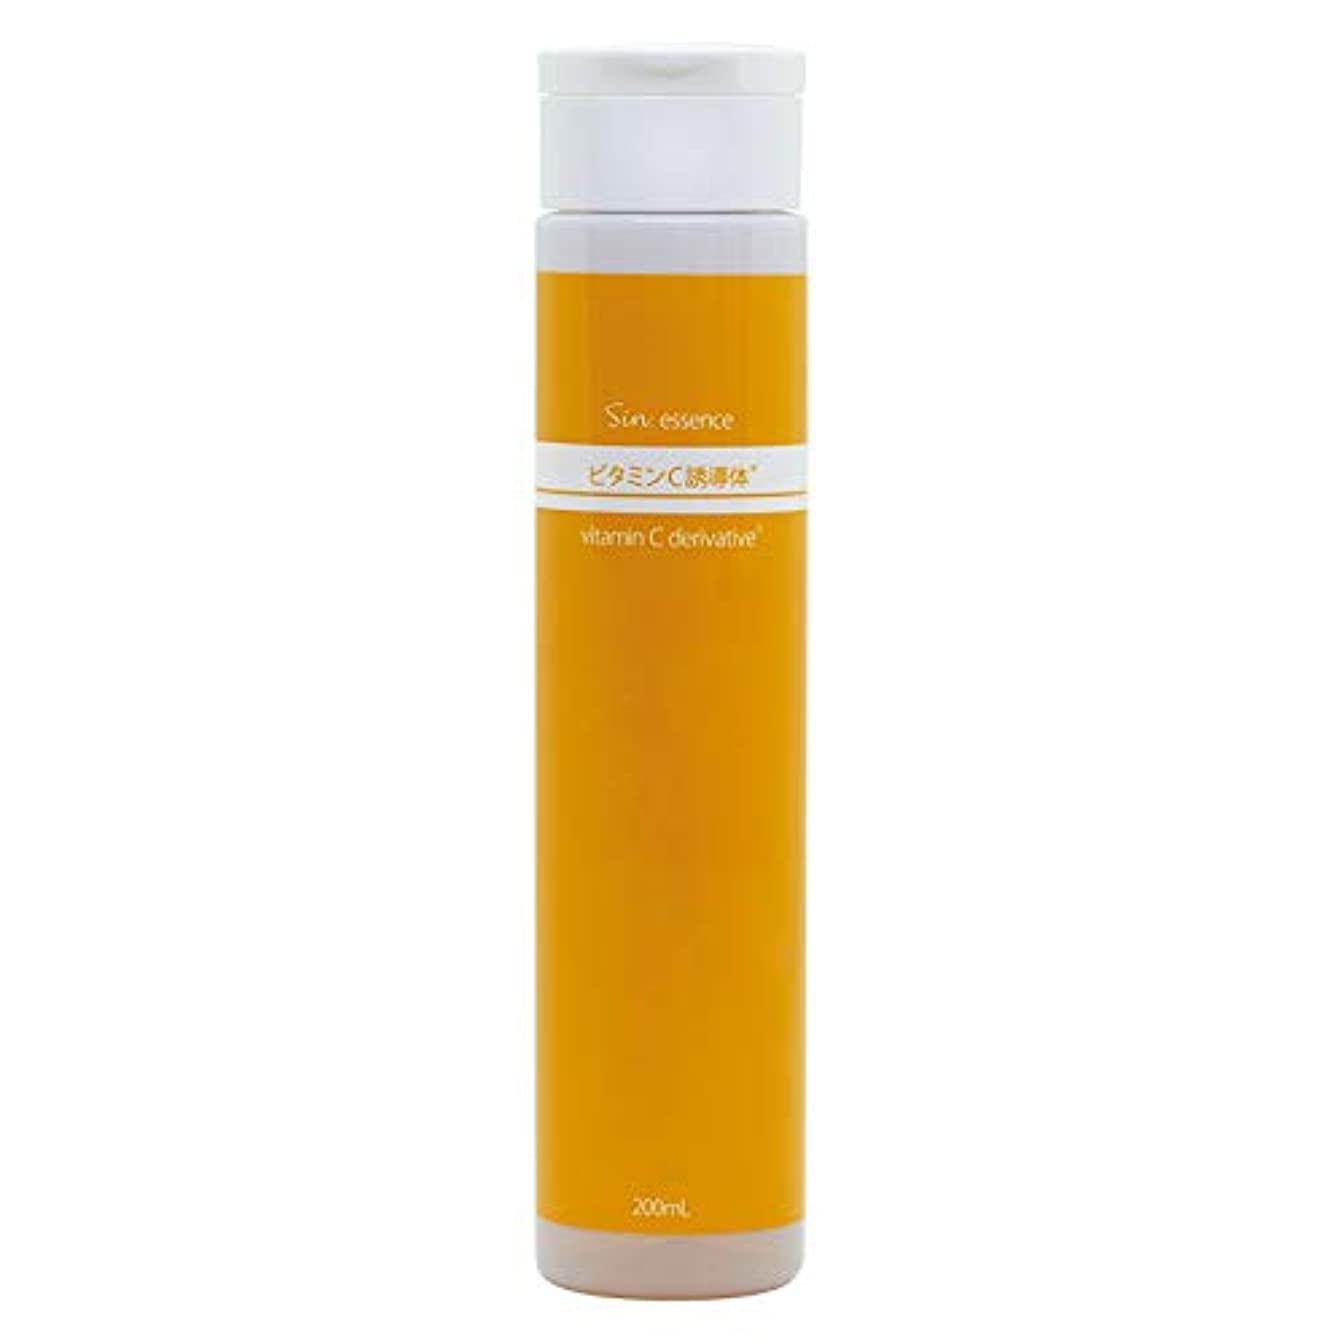 ウィスキー浪費ディスパッチビタミンC誘導体配合美容液 200mL